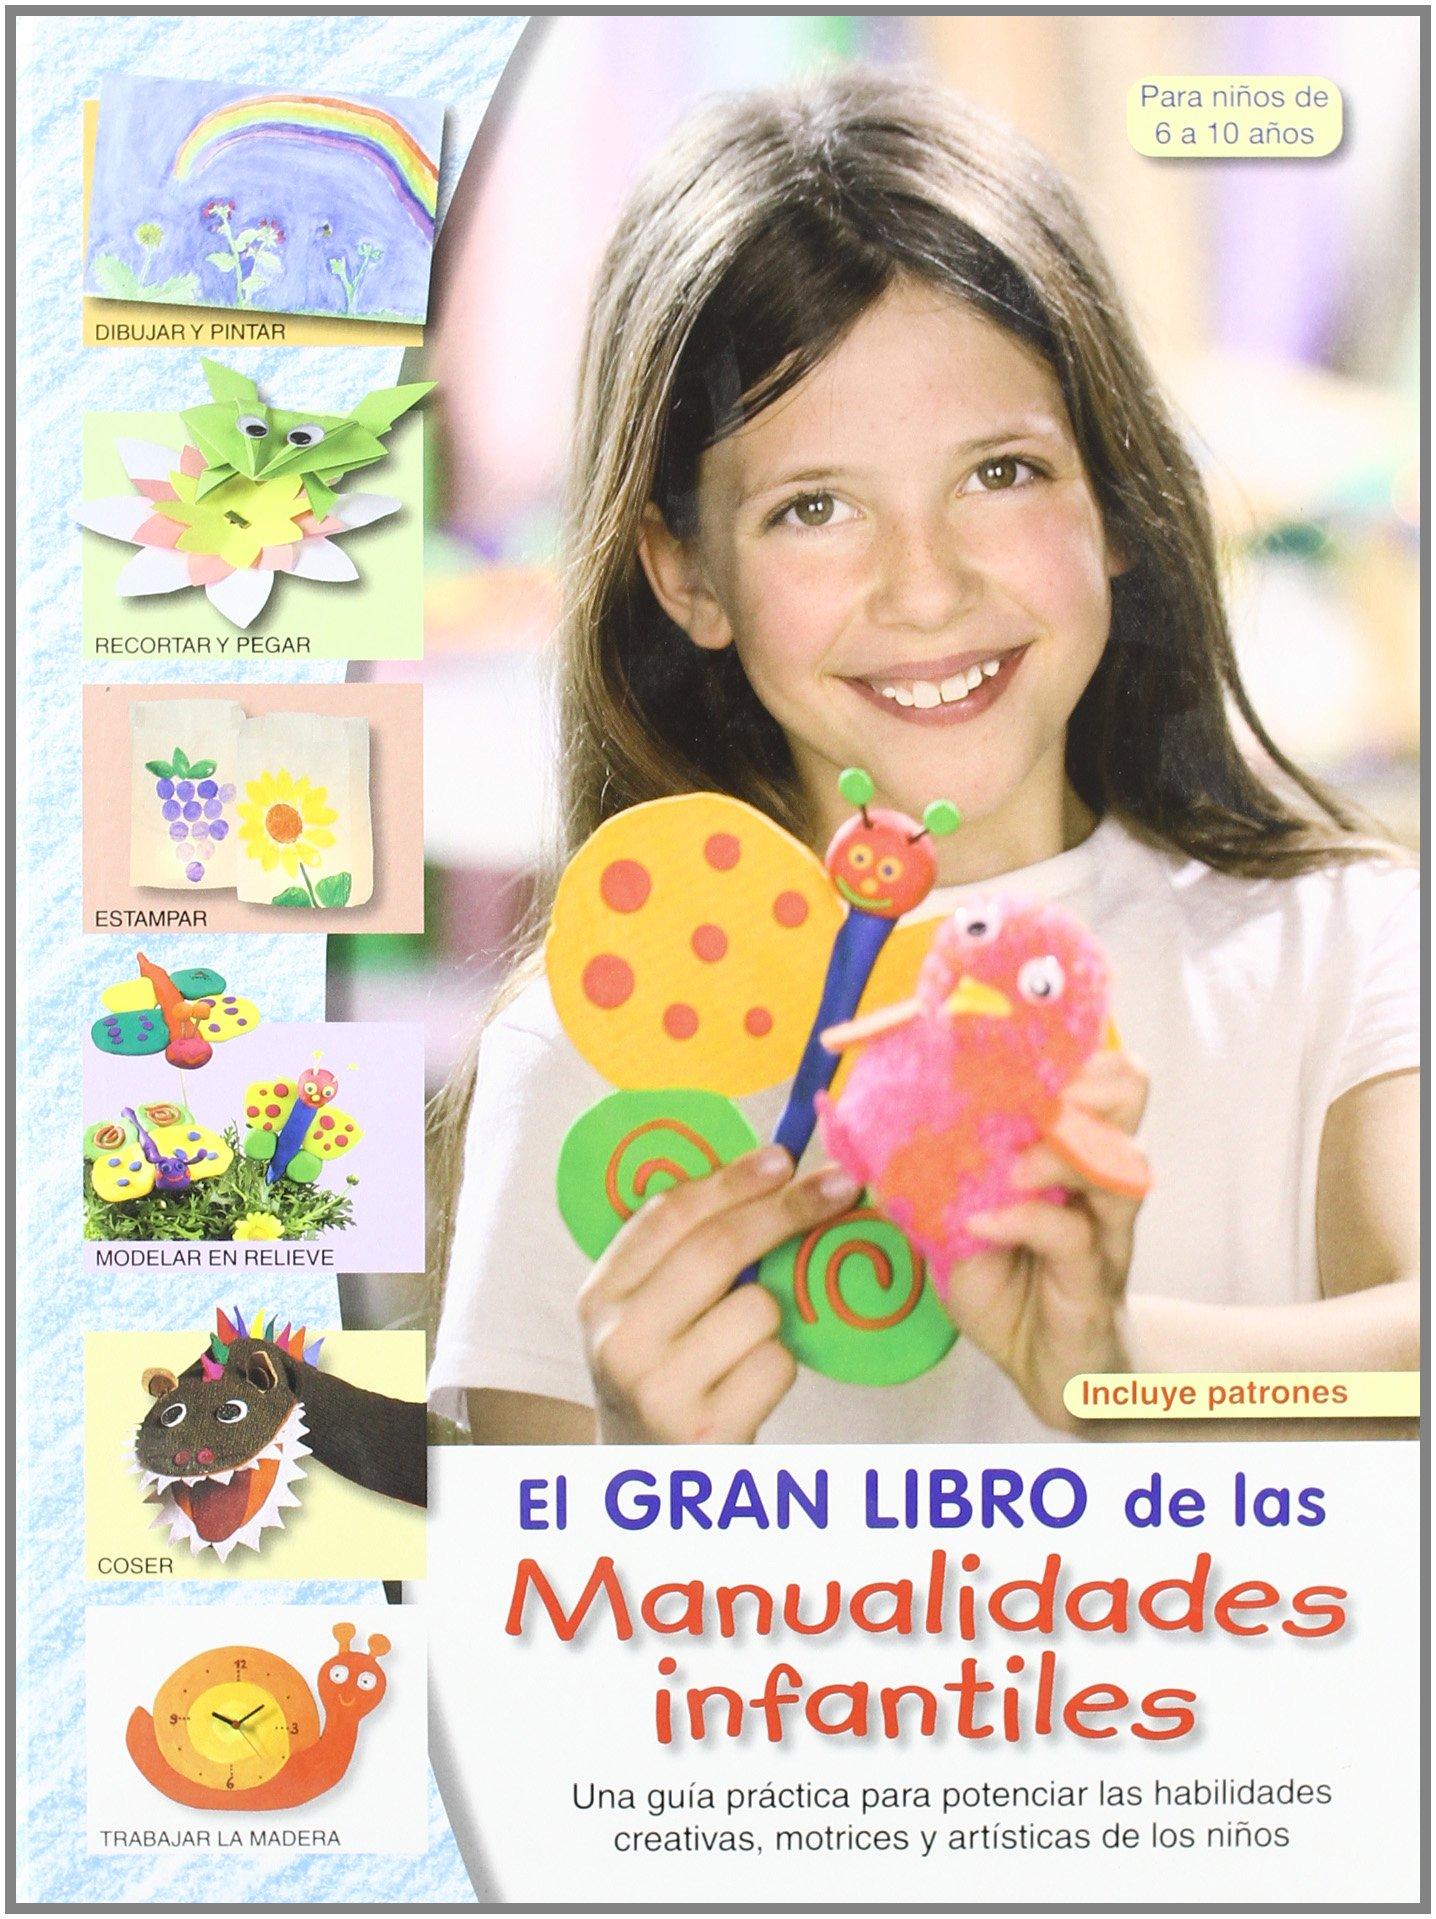 El gran libro de las manualidades infantiles - 9788498740875: Amazon ...